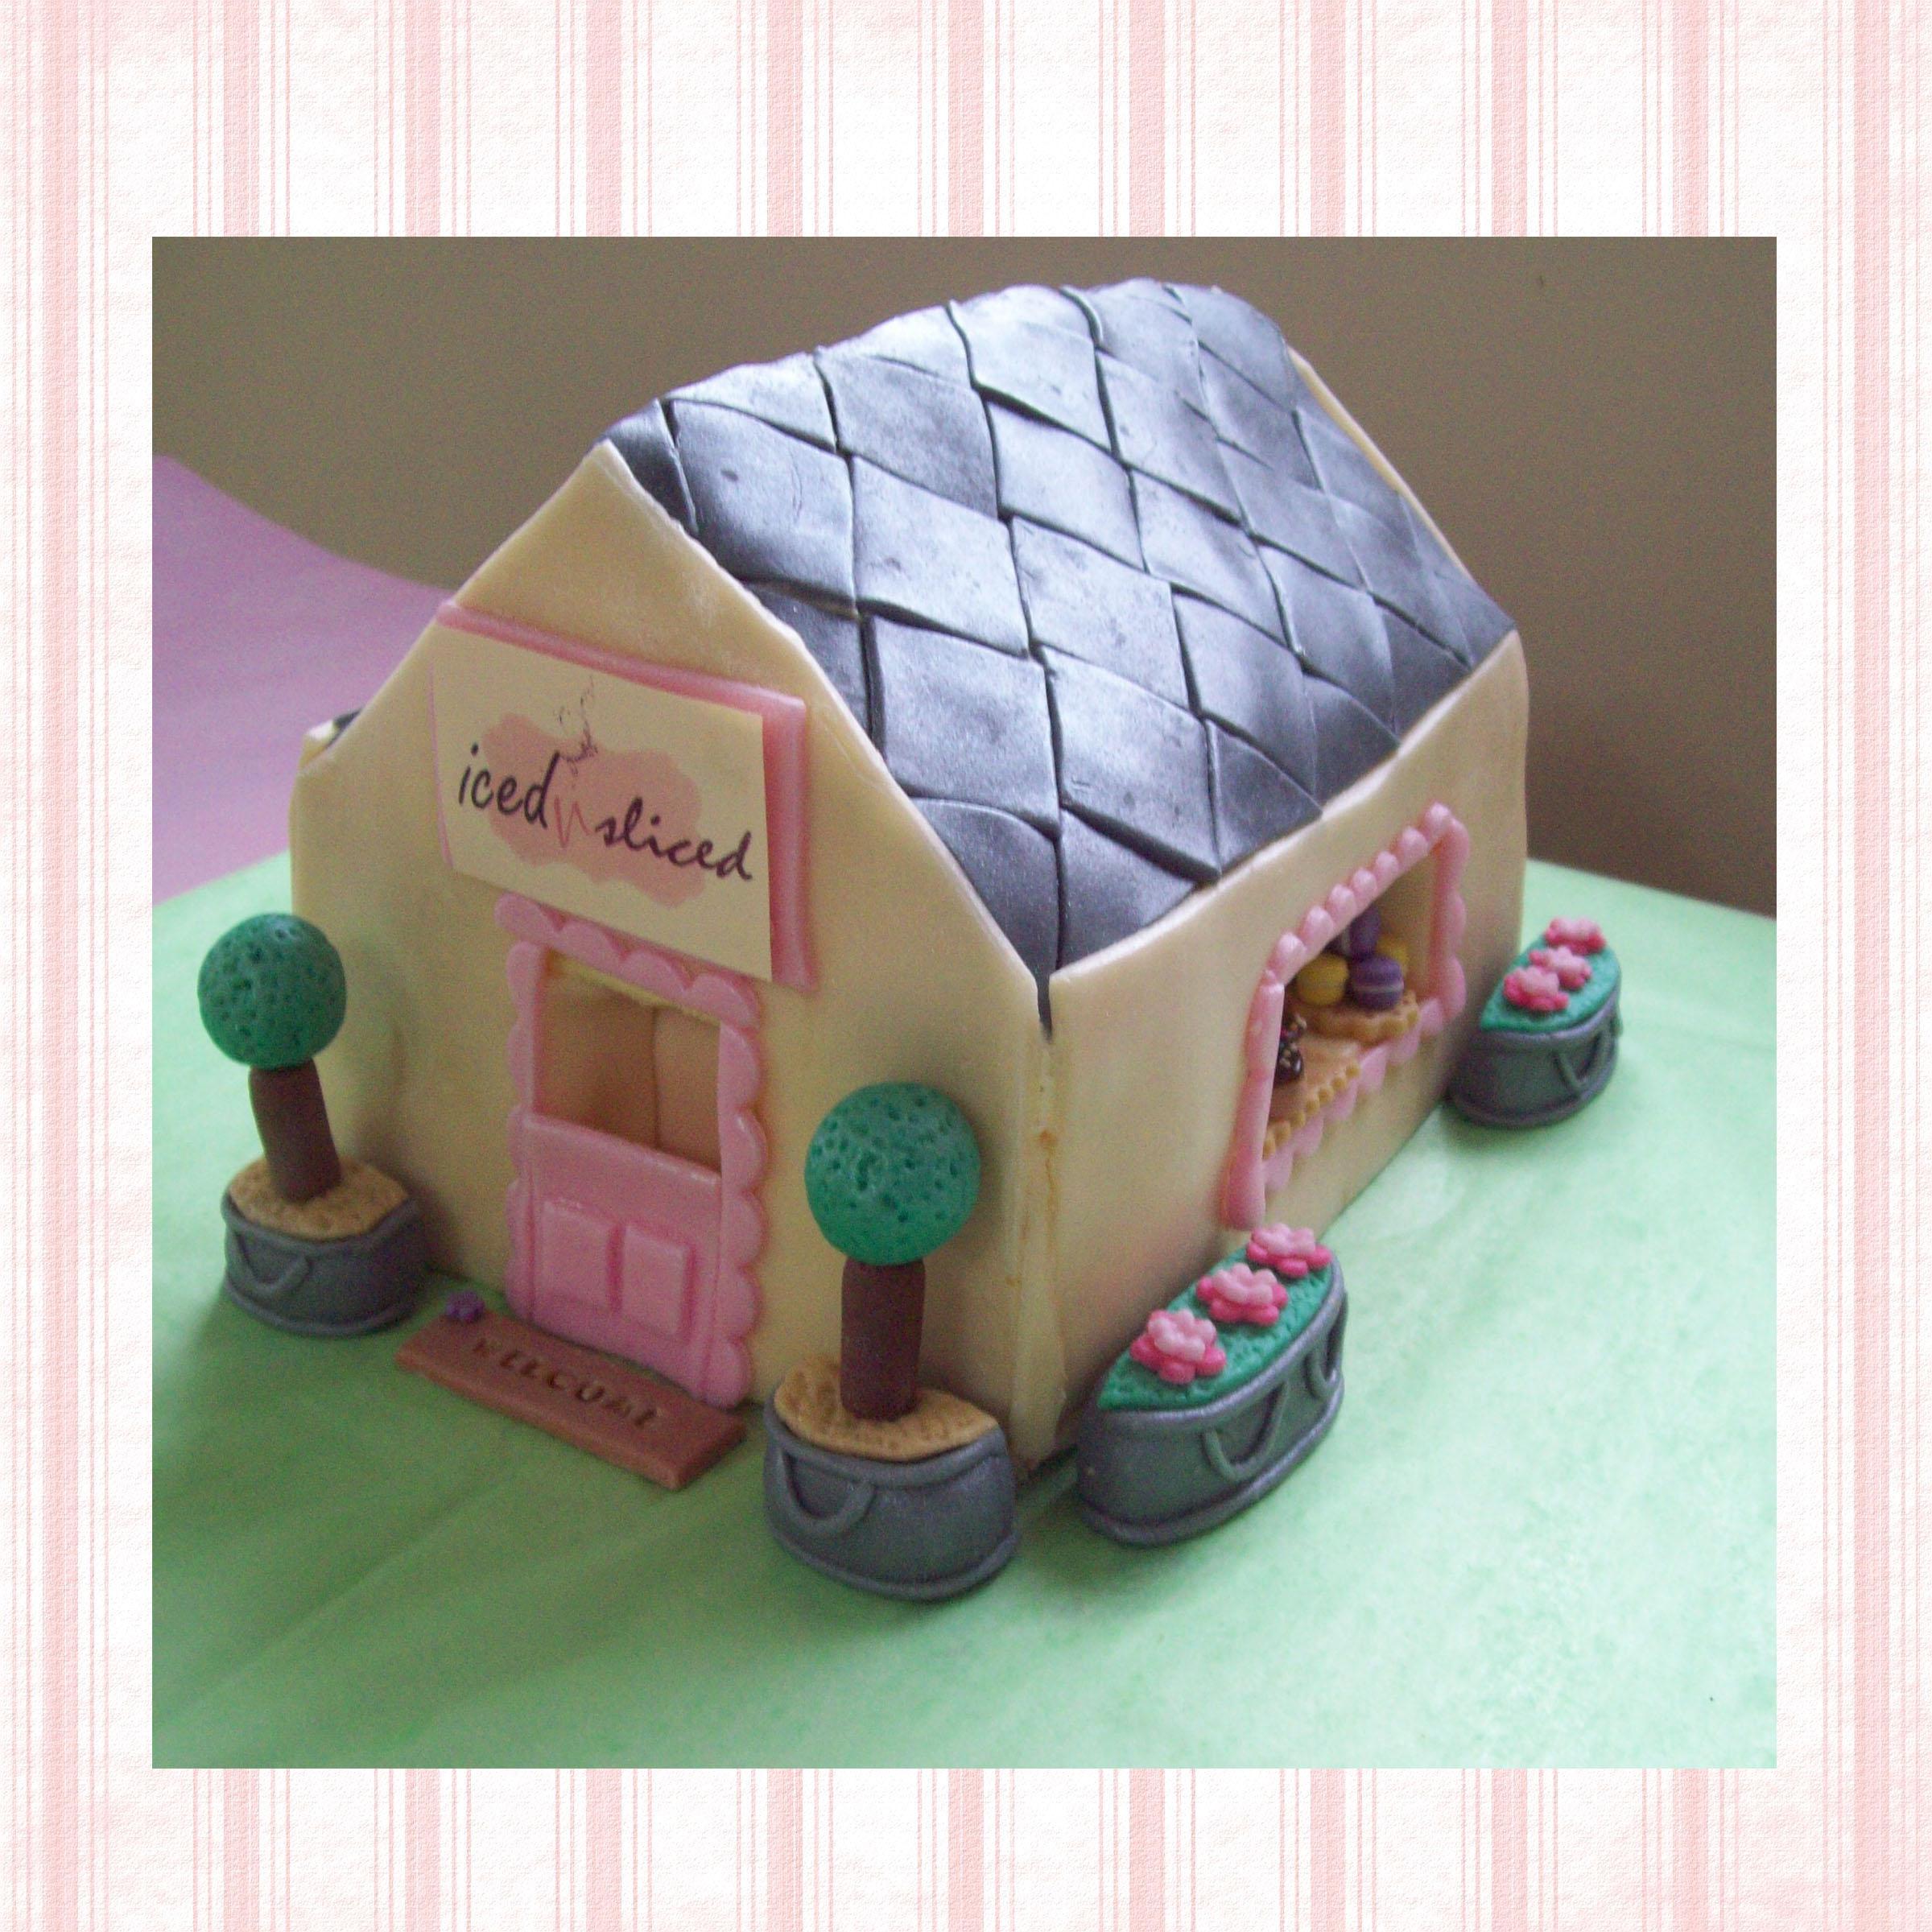 Ice and Sliced Ayesha Cake Shoppe Cake